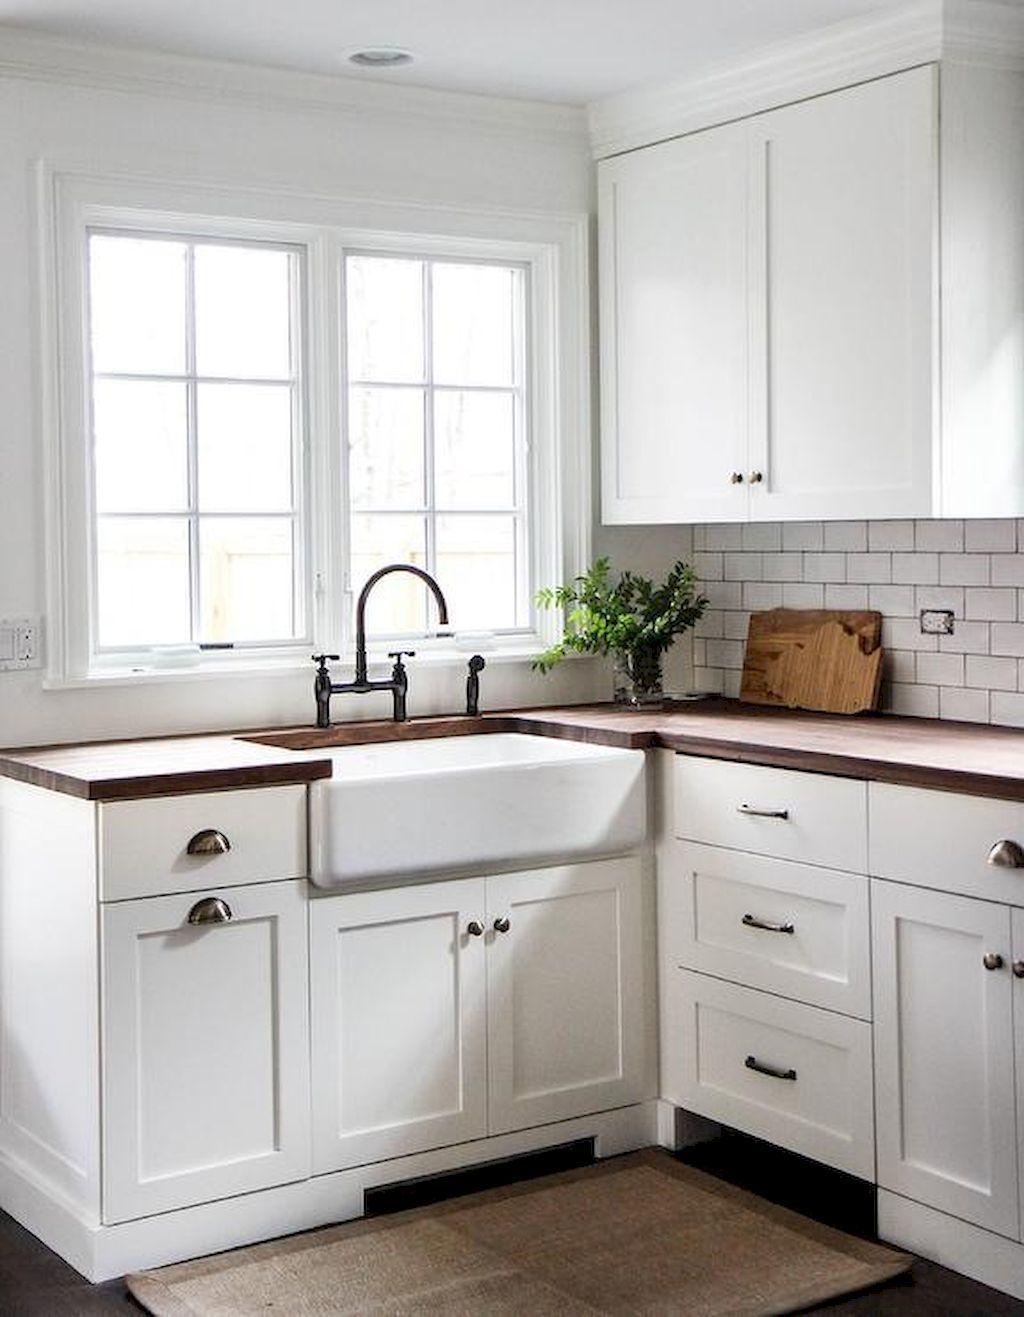 9 fantastic white shaker cabinets kitchen ideas 9   White ...